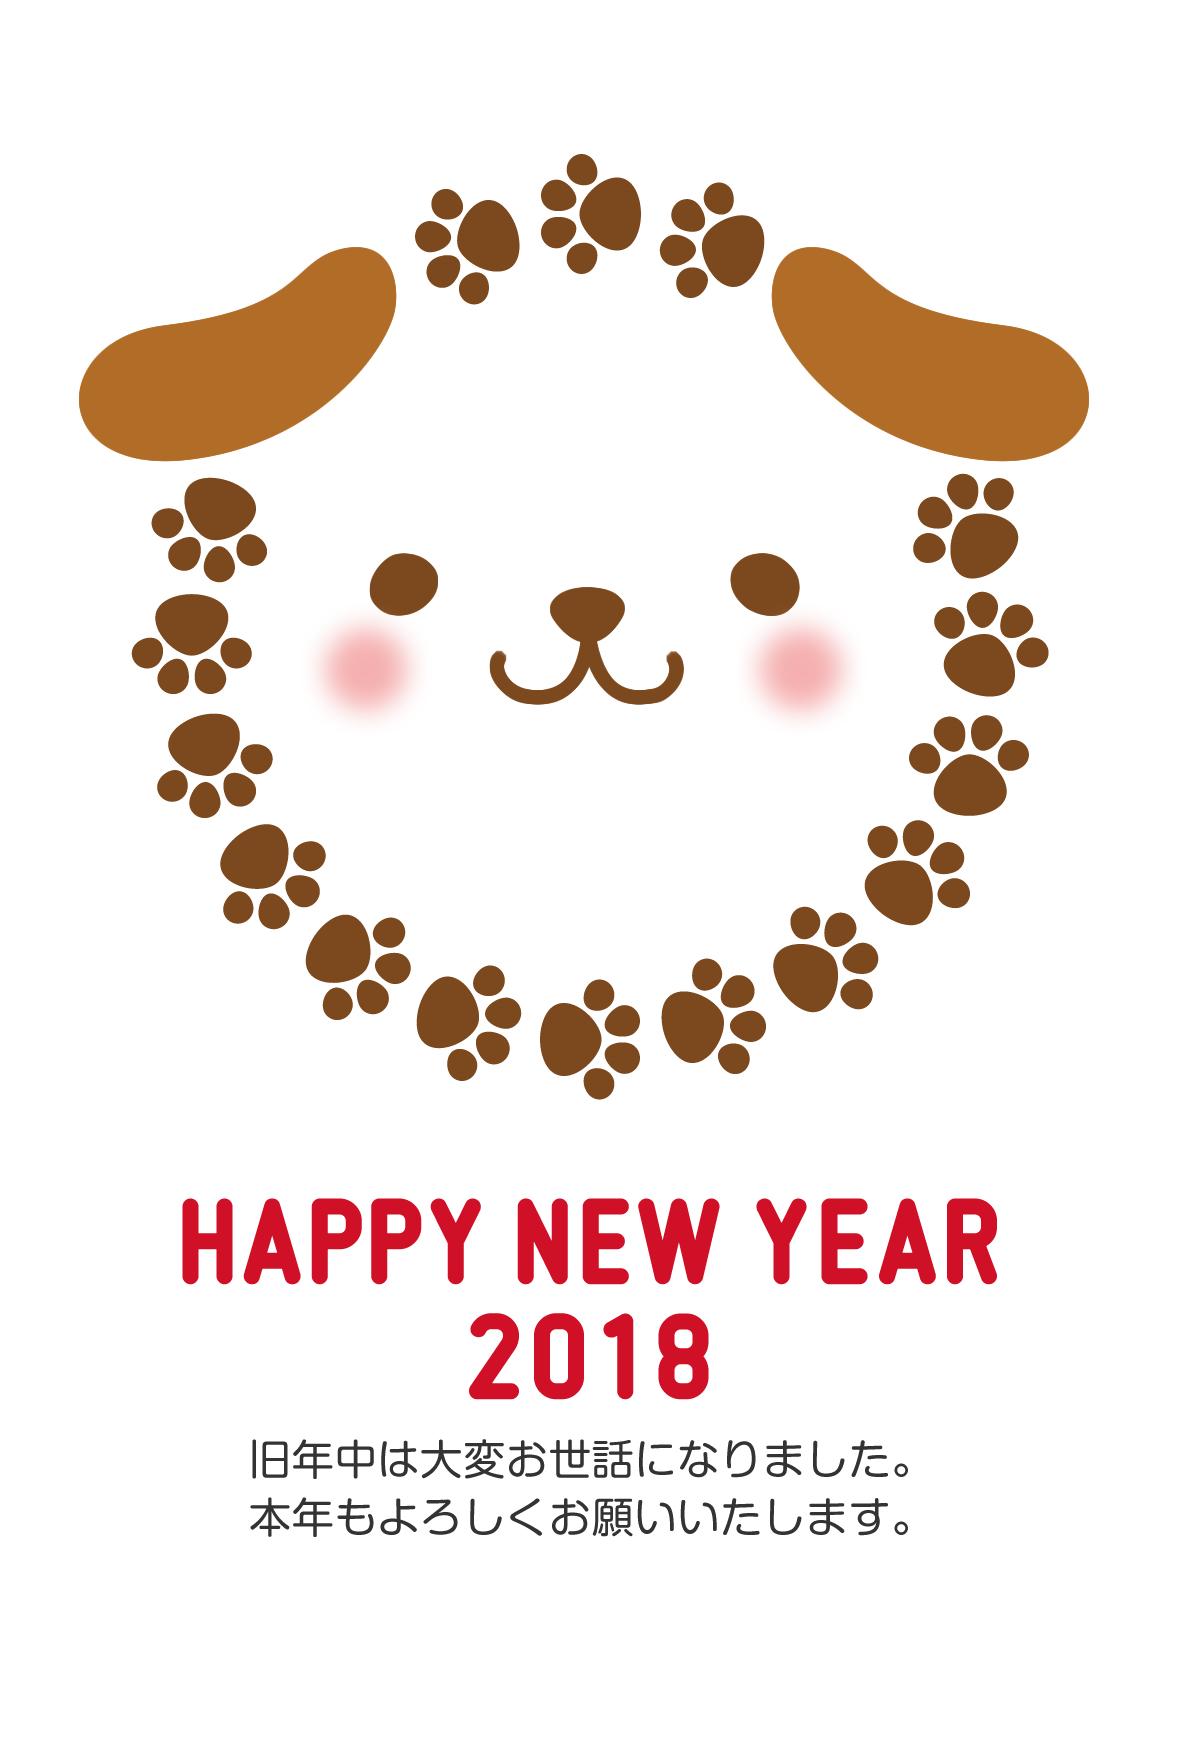 [年賀状2018無料テンプレート]足跡で作ったかわいい犬の顔